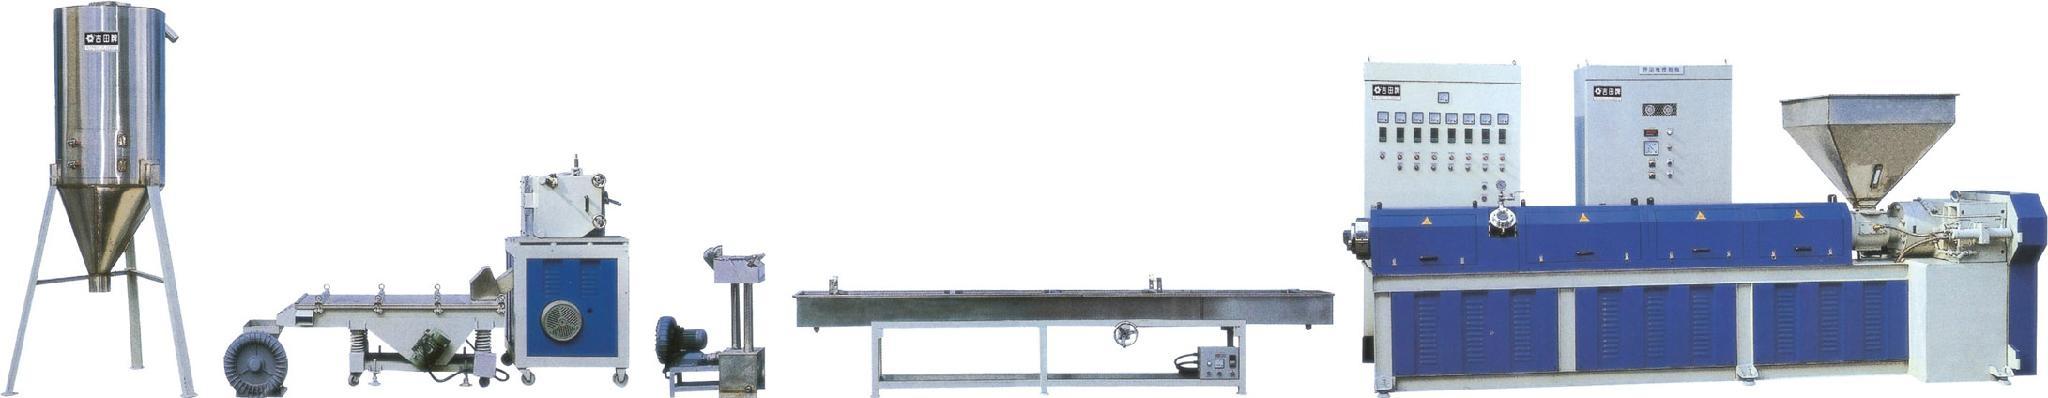 PLASTIC WOOD GRANULATOR (AIR COOLING) 2